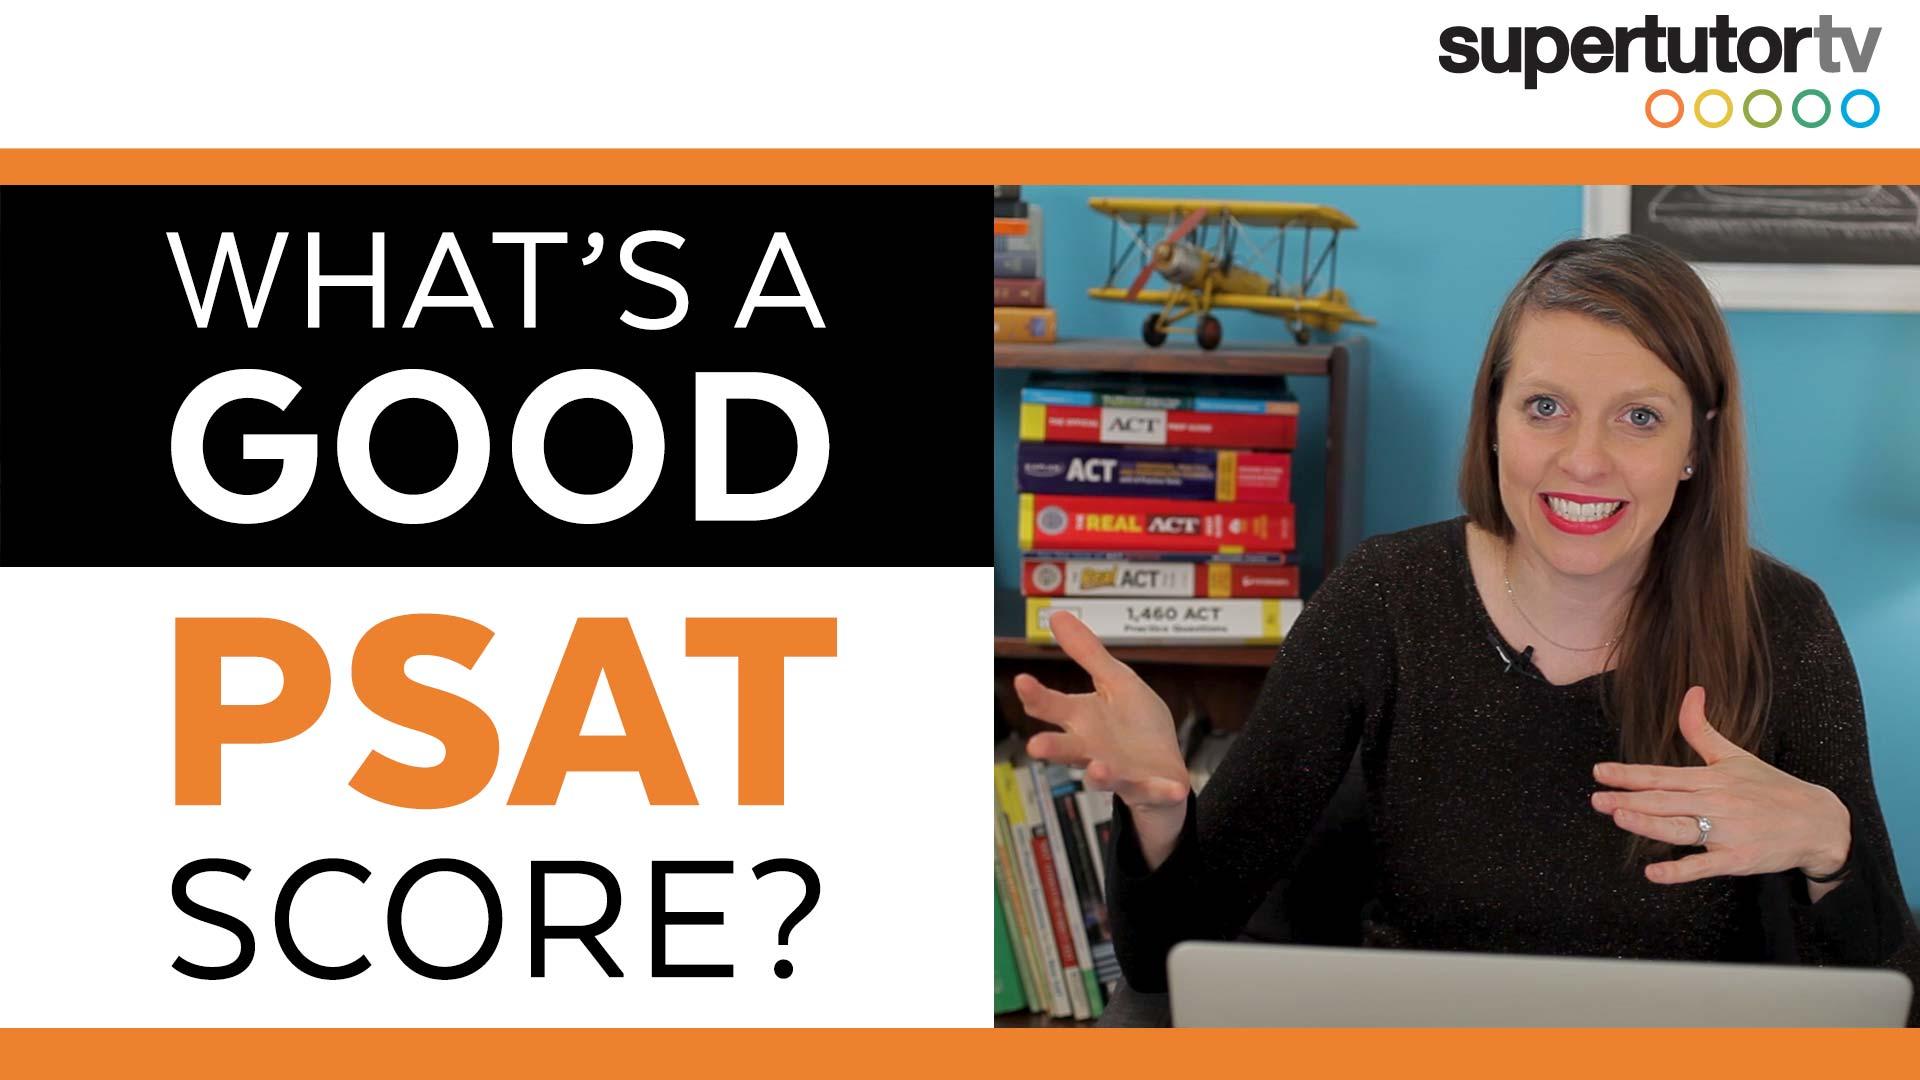 What's a Good PSAT Score?